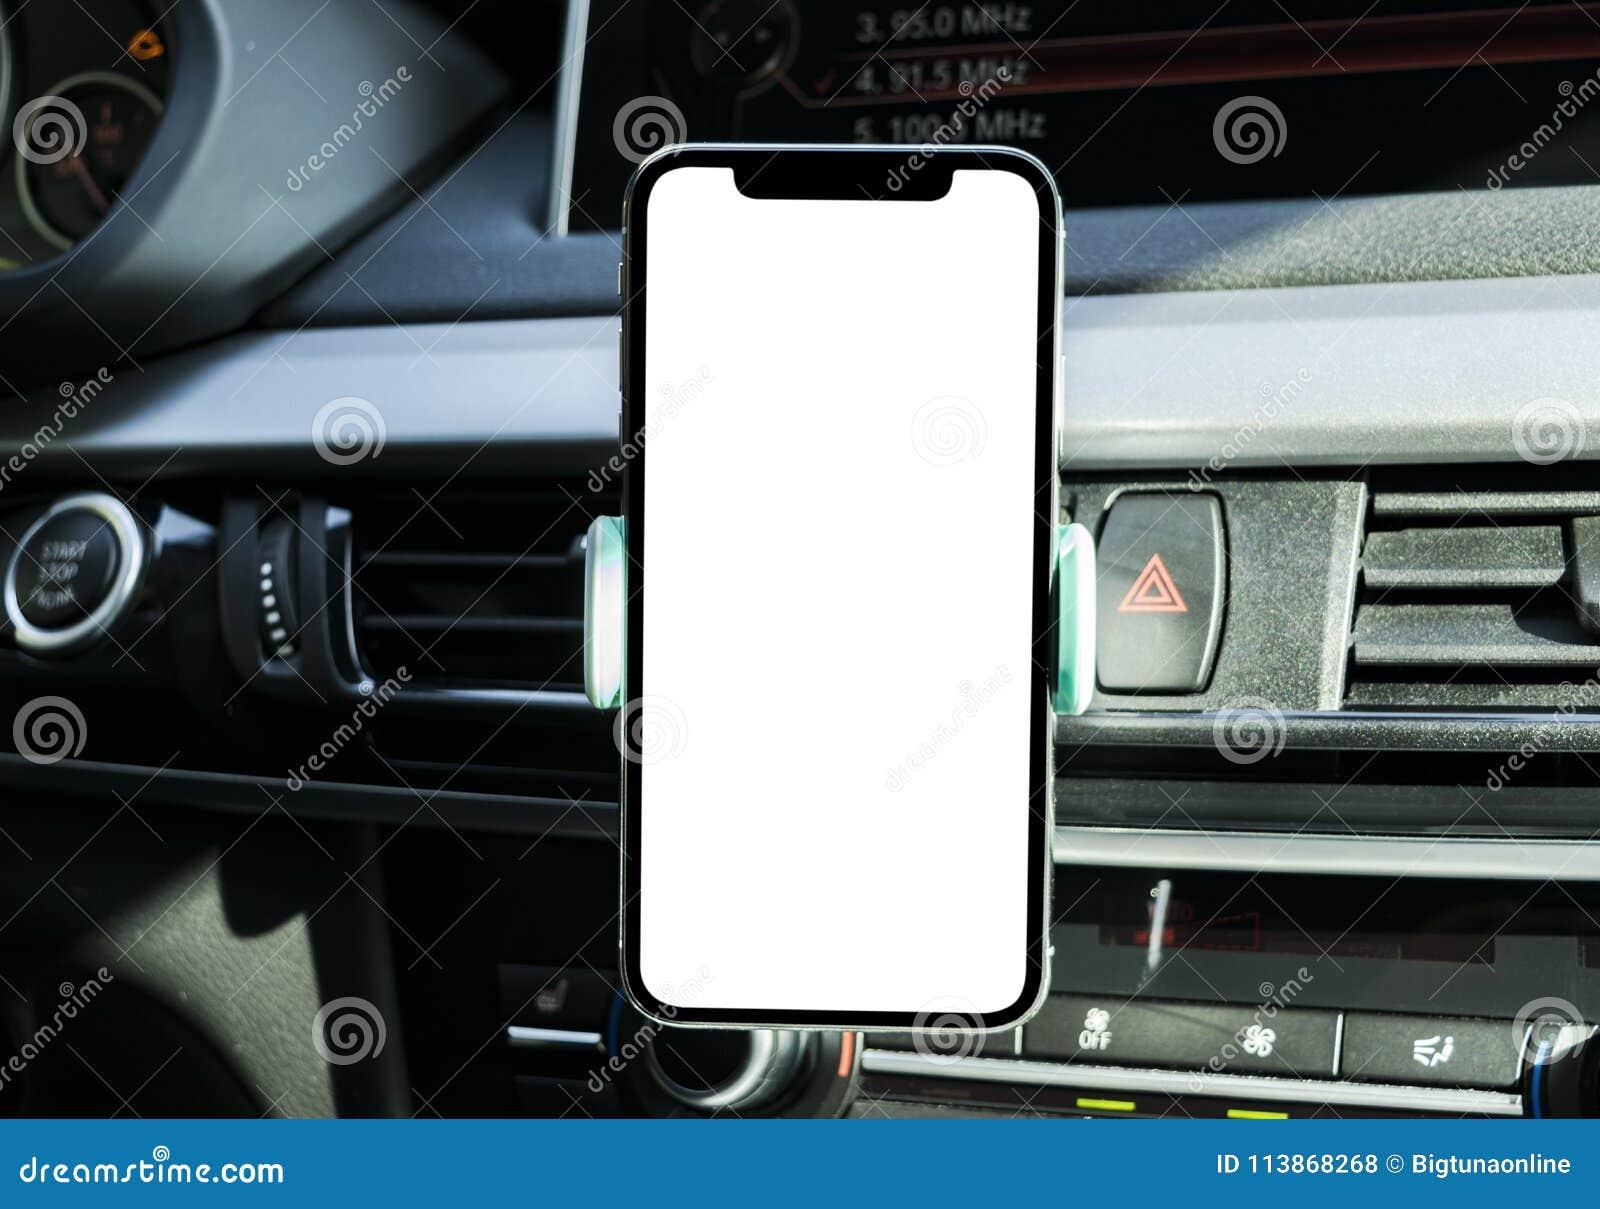 Smartphone in een autogebruik voor Navigate of GPS Het drijven van een auto met Smartphone in houder Mobiele telefoon met het wit